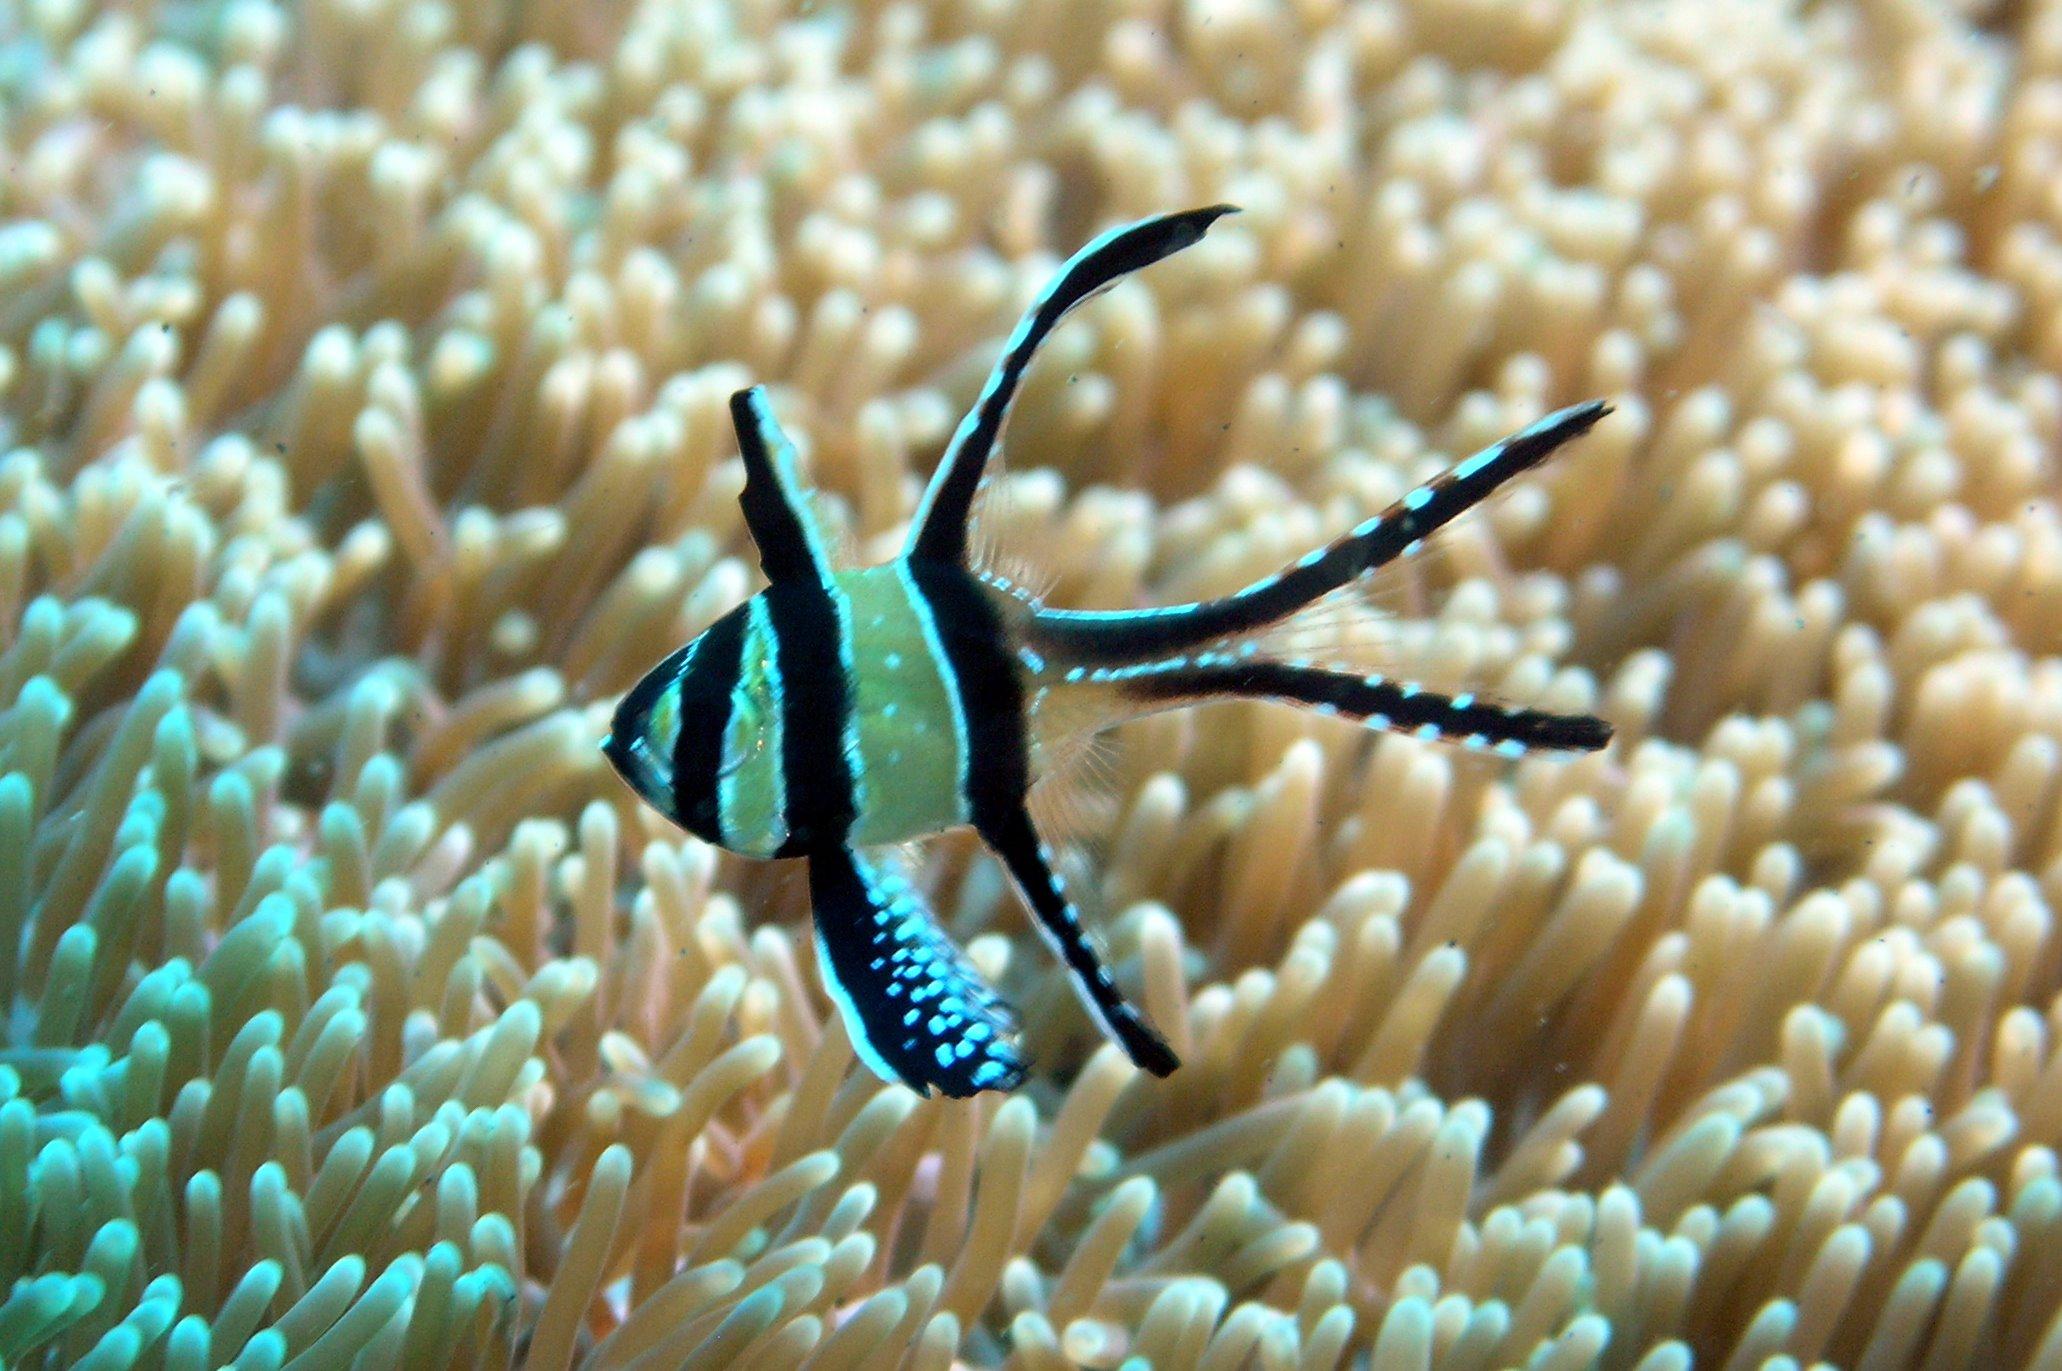 Mrramseys Saltwater Adventure 120g Build Archive Aquarium Forum Temperature Controller Stc1000 Reef Aquatics Online Store